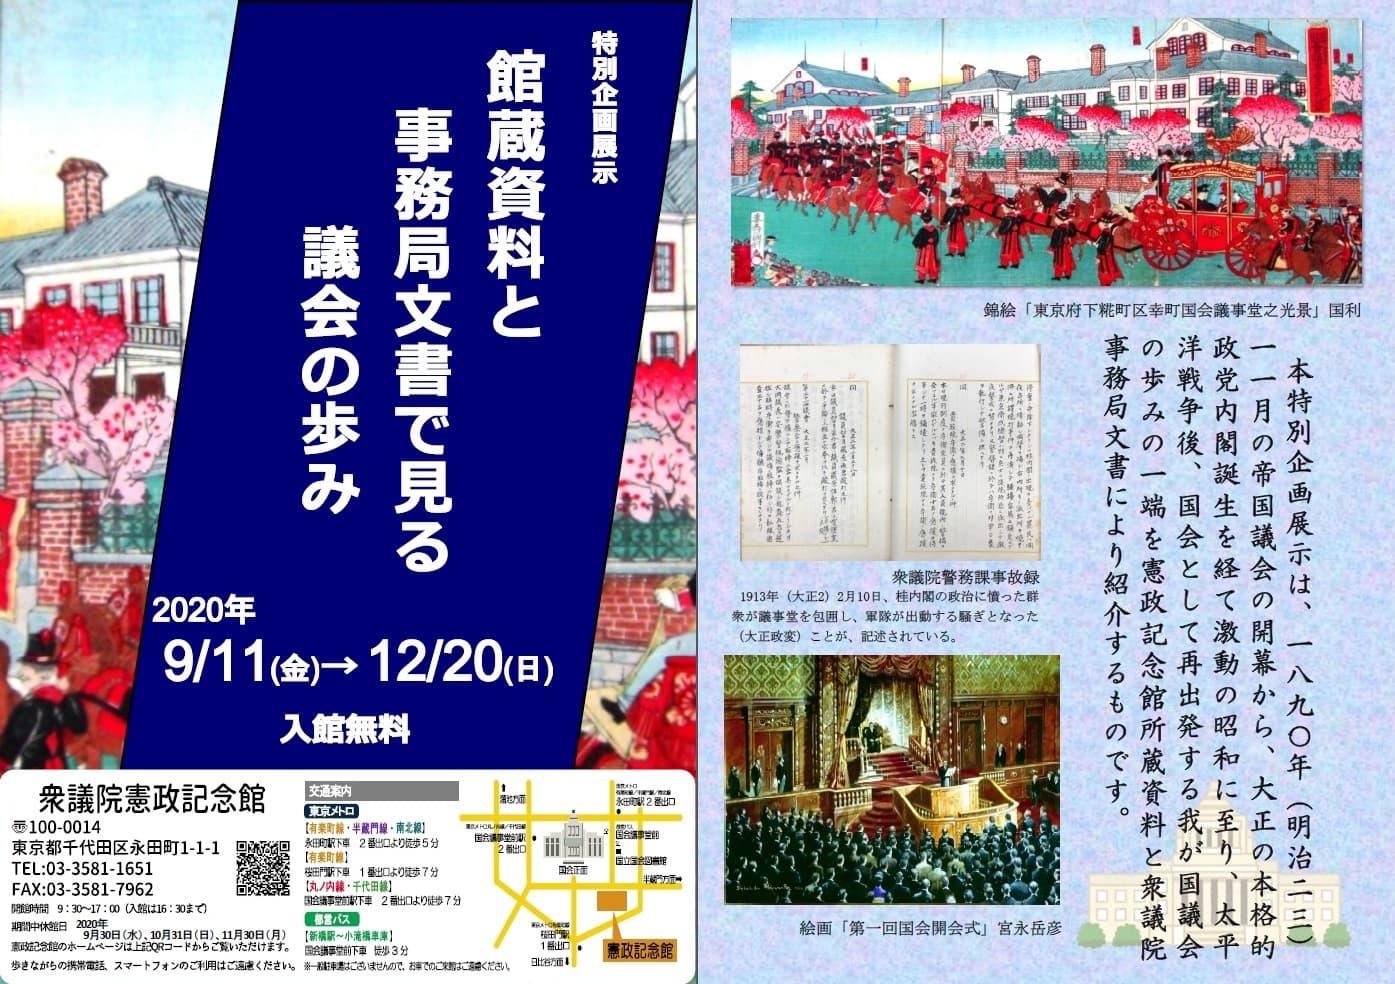 尾崎行雄記念財団ホームページ 財団からのお知らせ 2020年